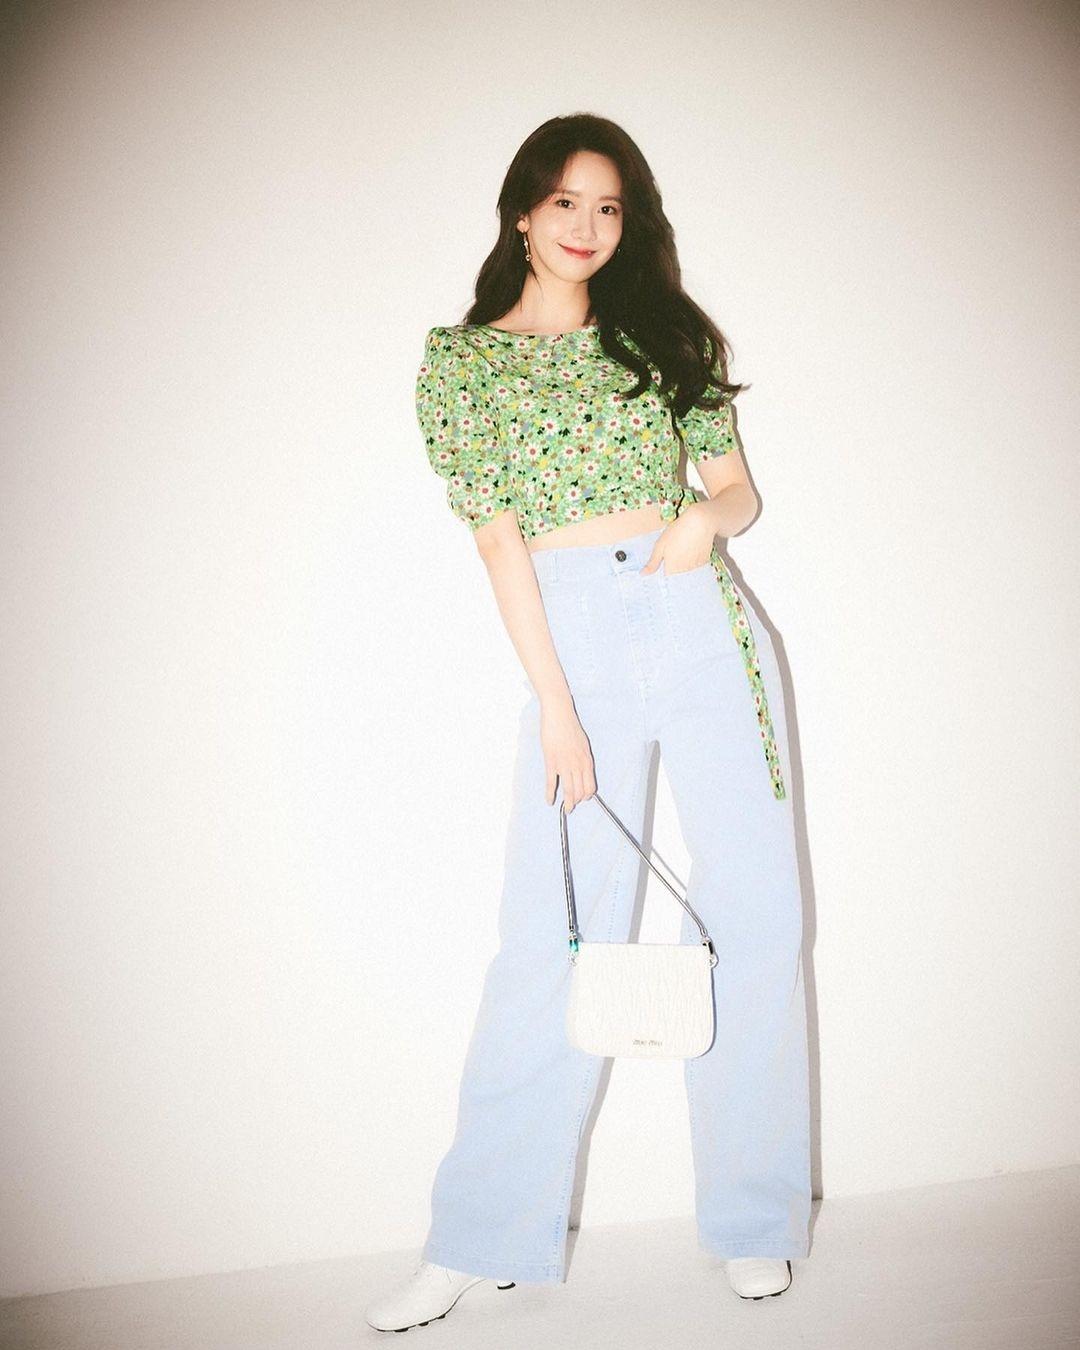 Check nhanh 9 cách diện áo blouse đẹp mê từ sao Hàn, đang bí ý tưởng lên đồ quẩy cuối tuần thì xem ngay! - Ảnh 1.